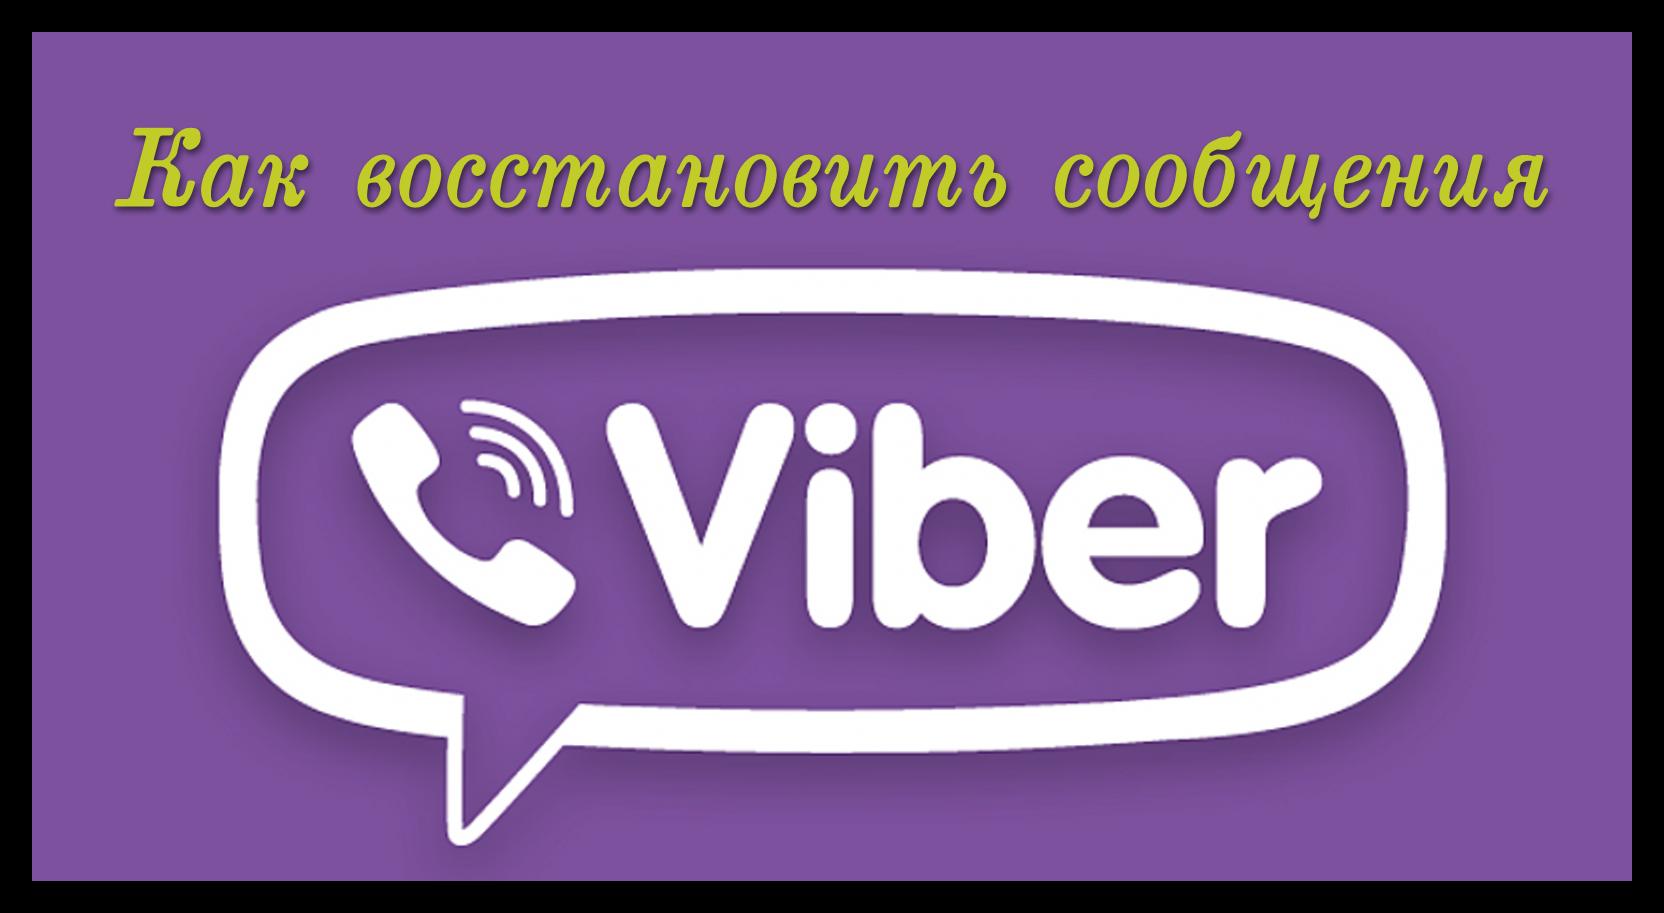 Картинка Как восстановить удаленные сообщения в Viber